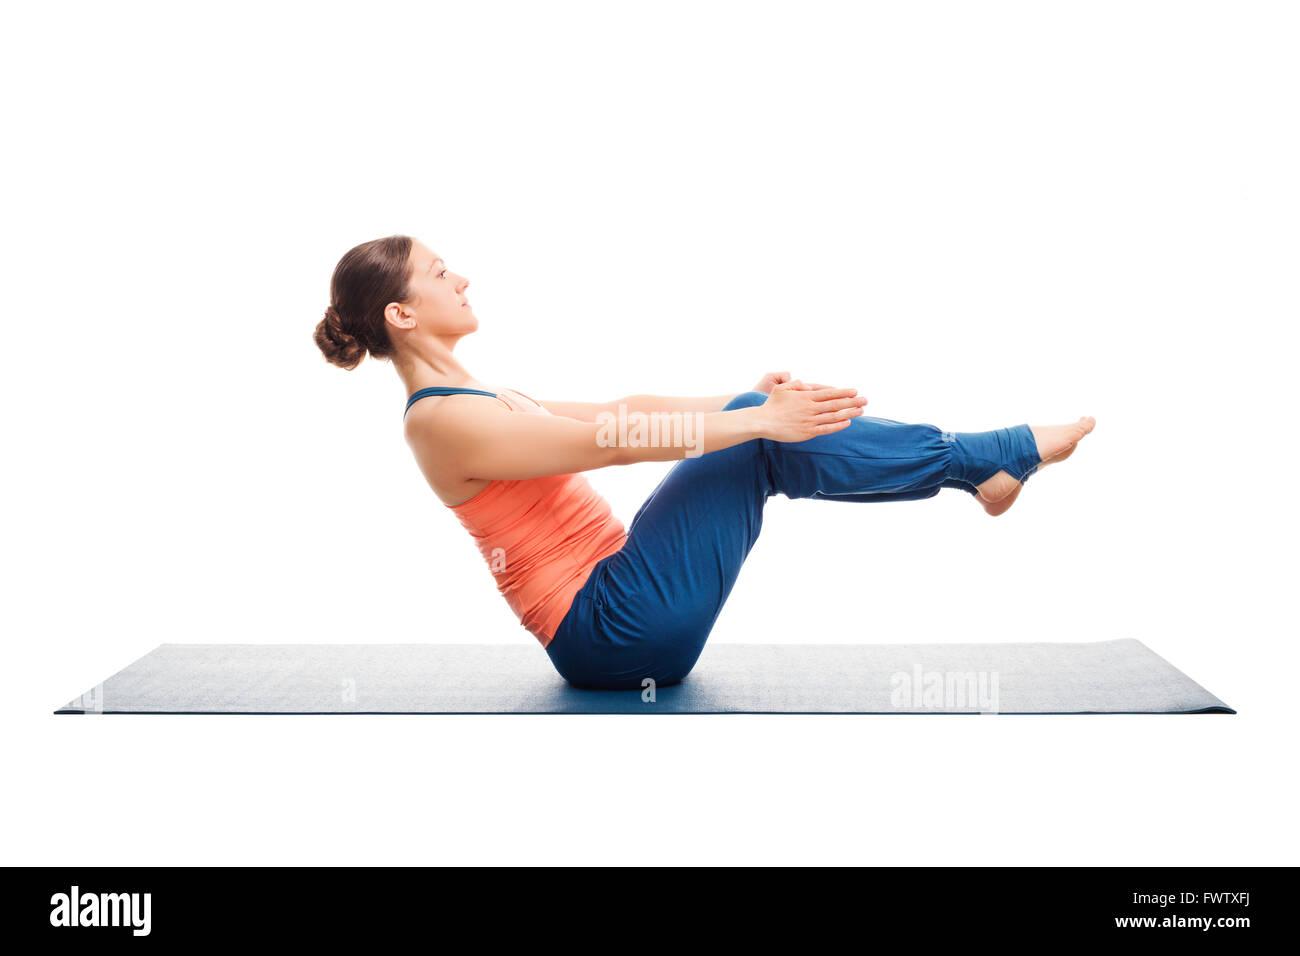 Sporty fit woman doing Ashtanga Vinyasa yoga asana Paripurna nav - Stock Image